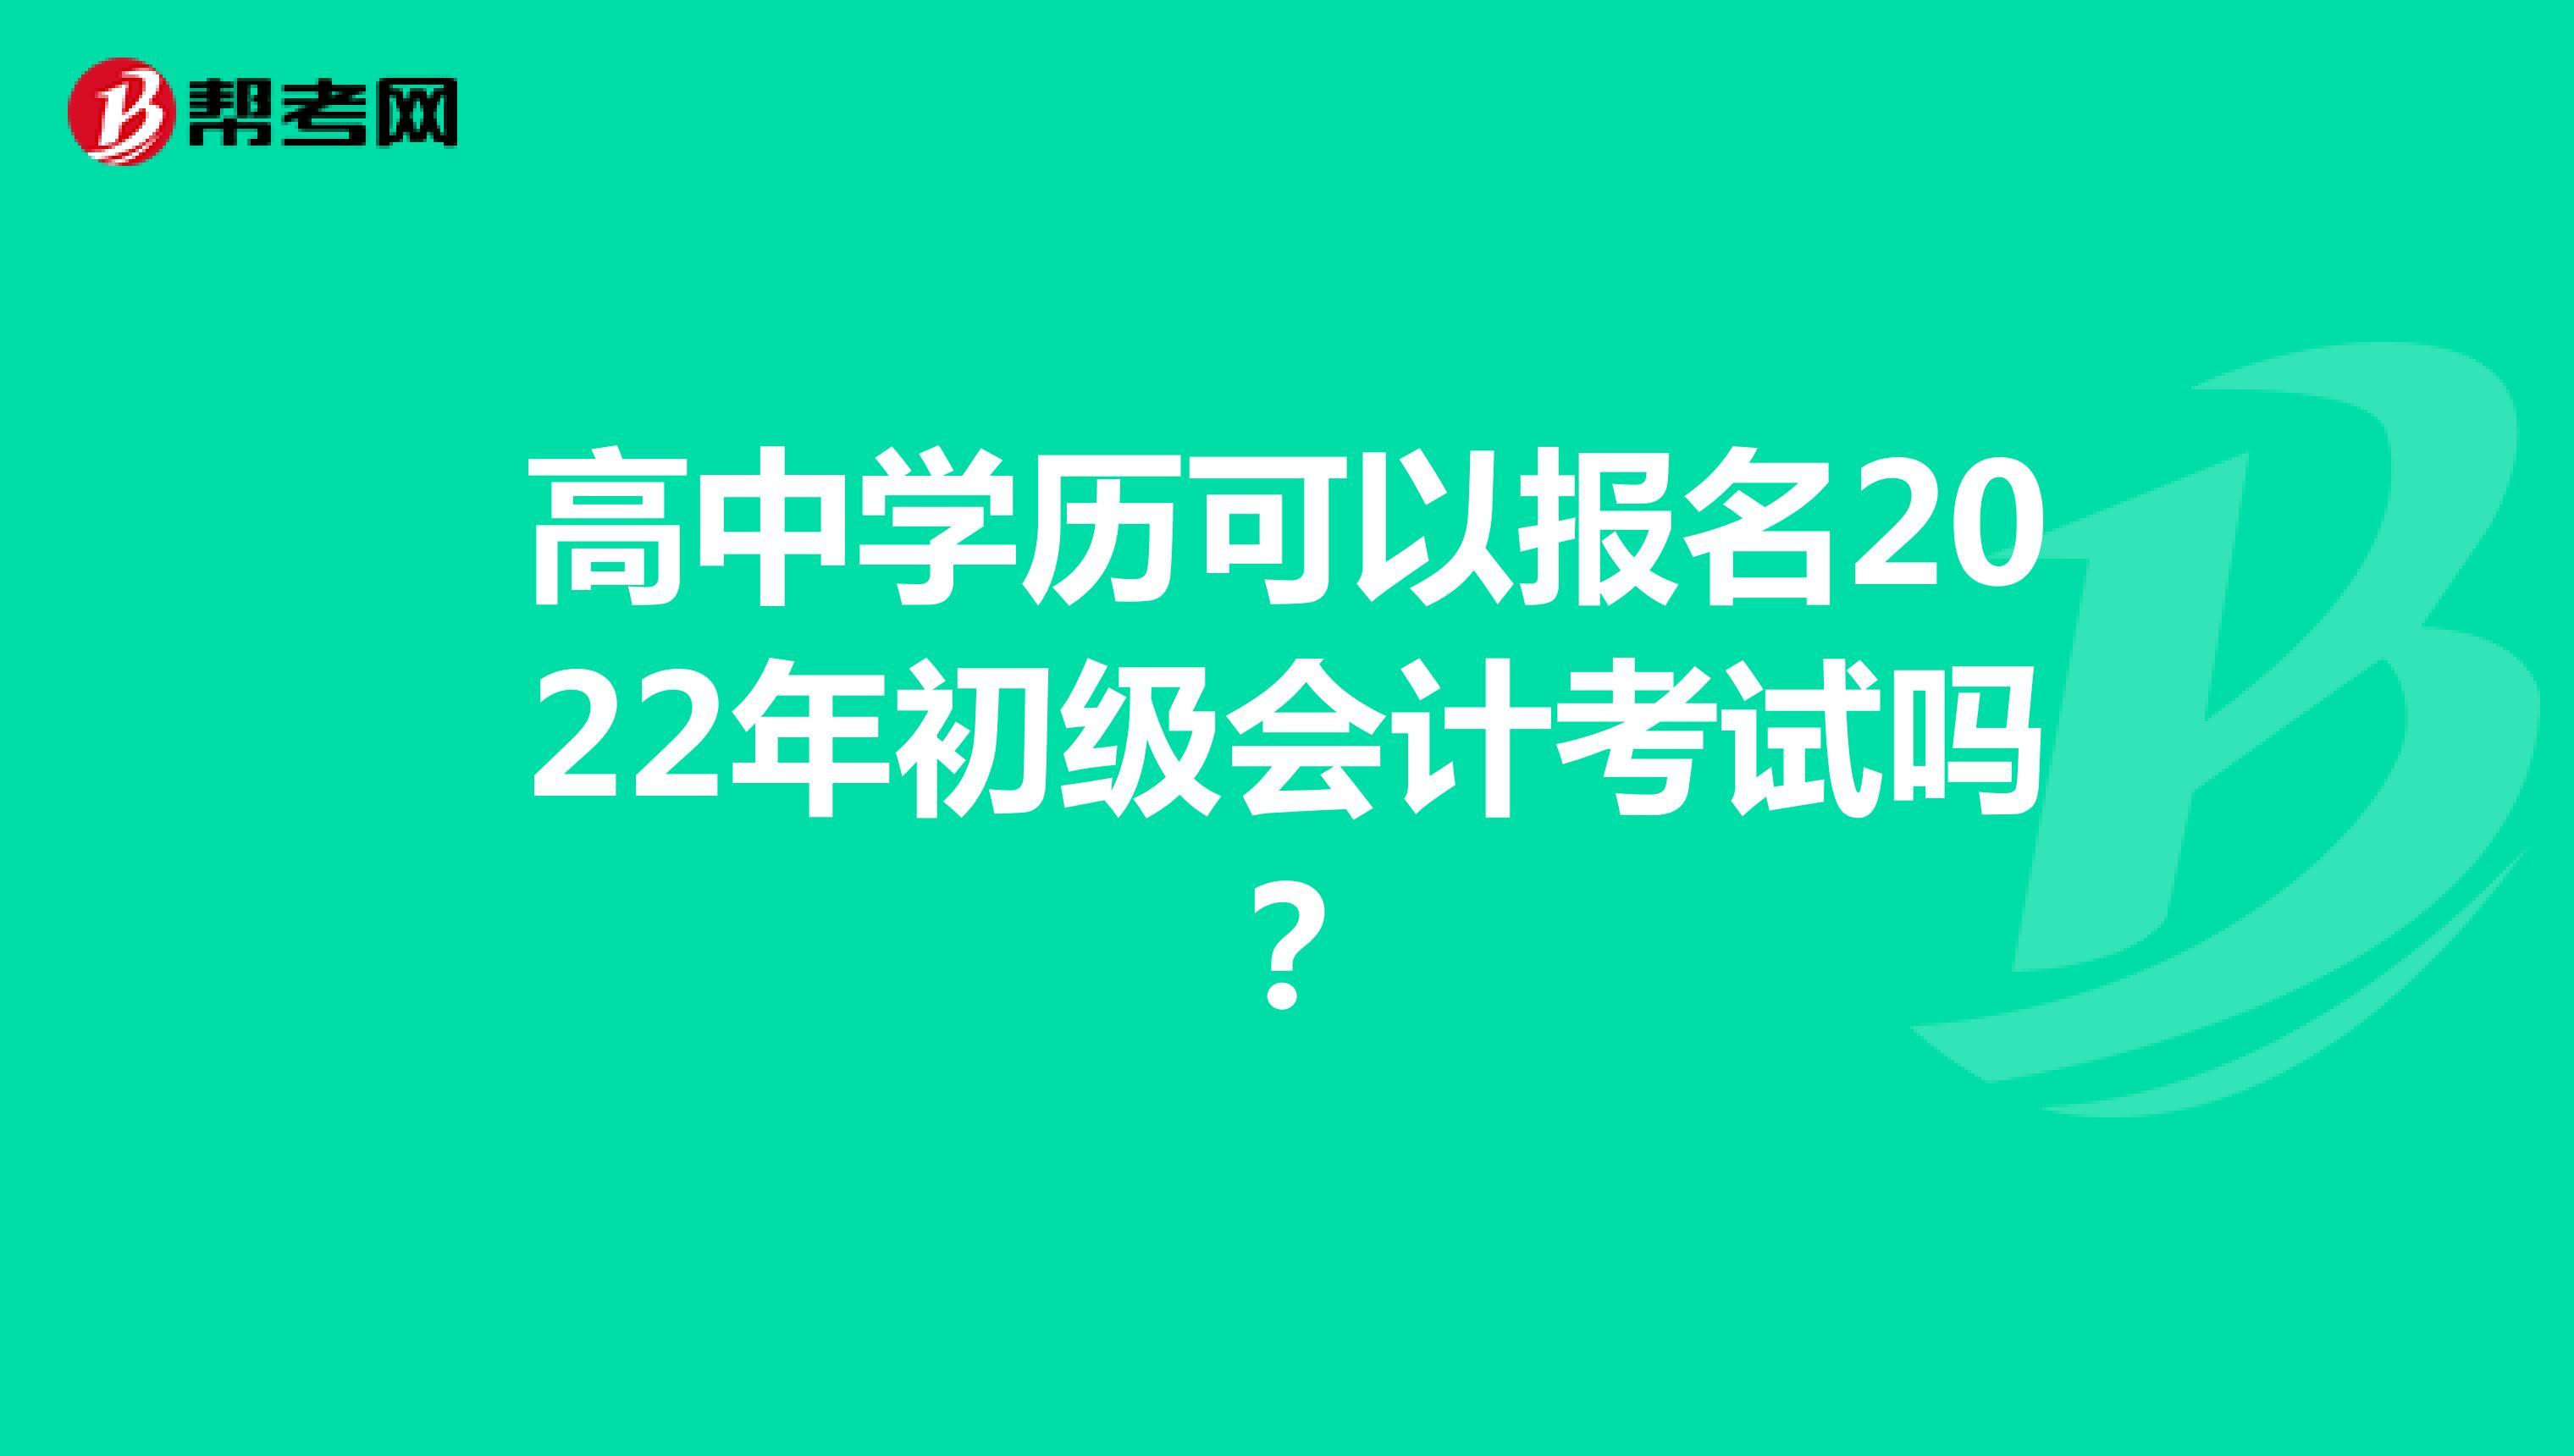 高中学历可以报名2022年初级会计考试吗?